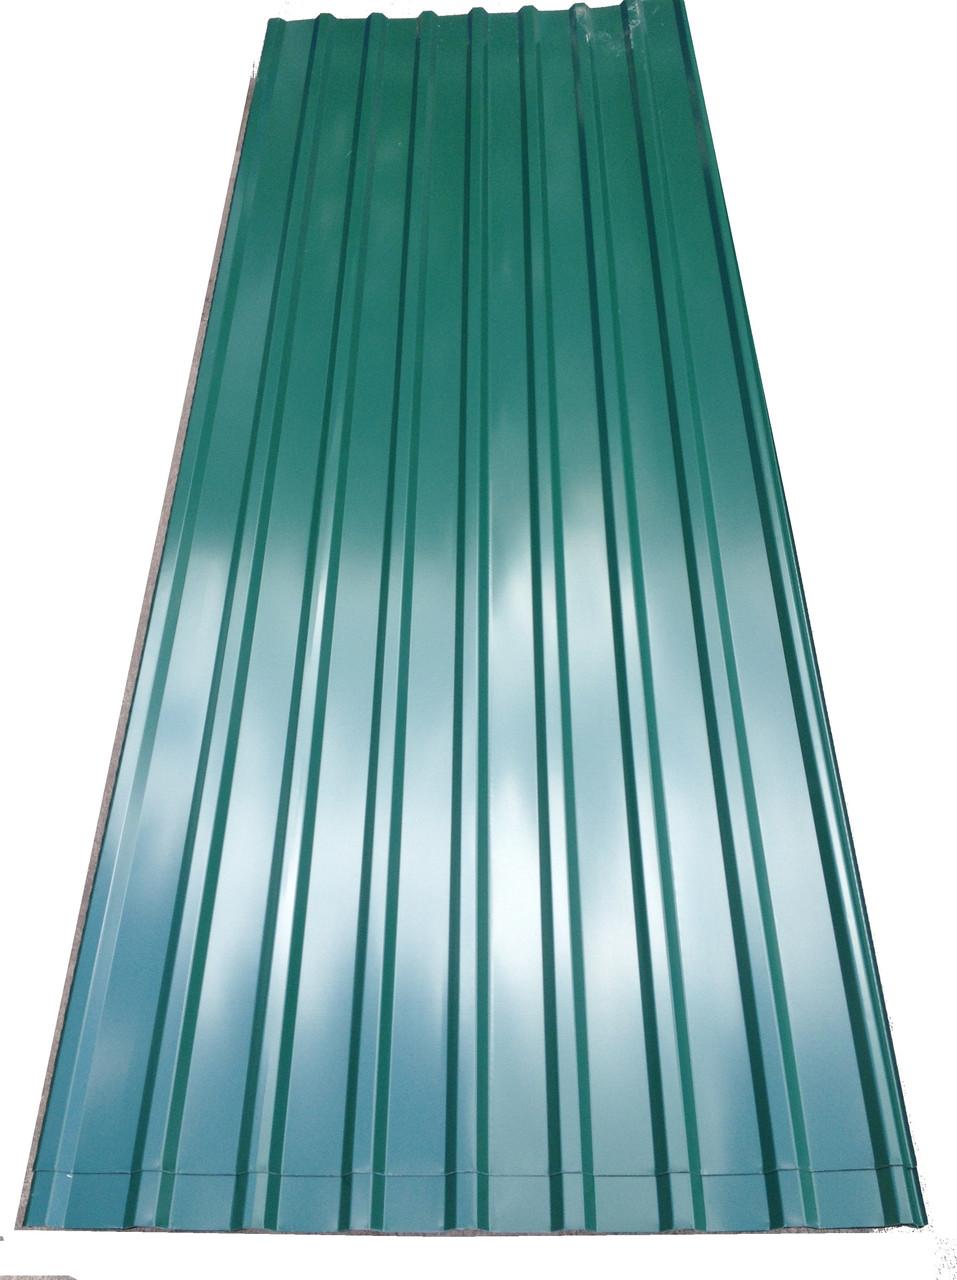 Профнастил кровельный  ПК-20 зеленый толщина 0,4 размер 3 Х1,15м